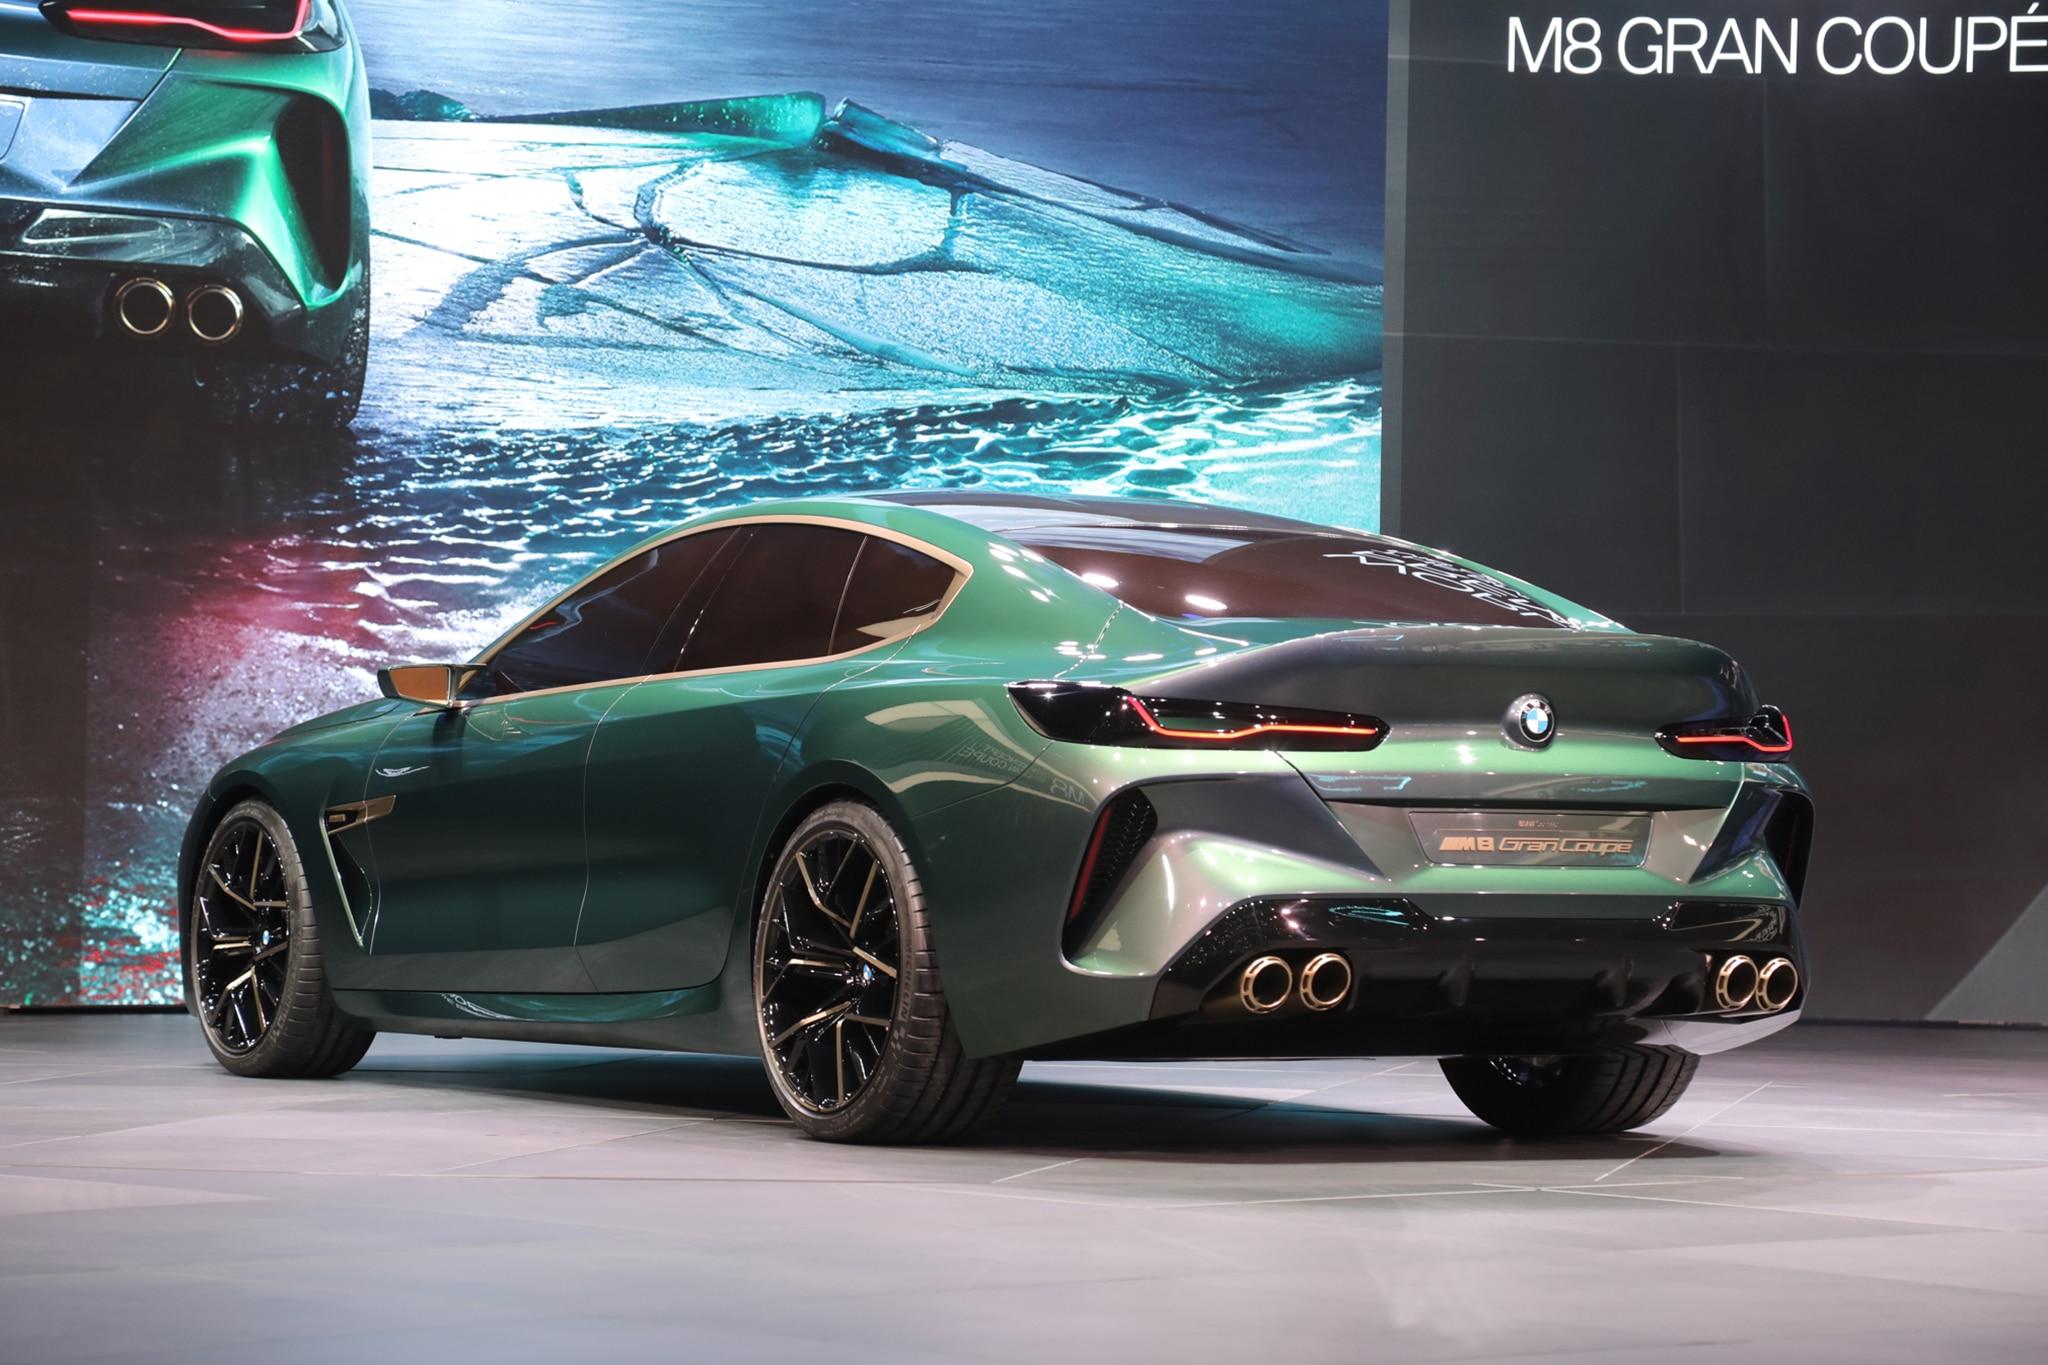 Four-Door BMW Concept M8 Gran Coupe Concept Unveiled in Geneva ...